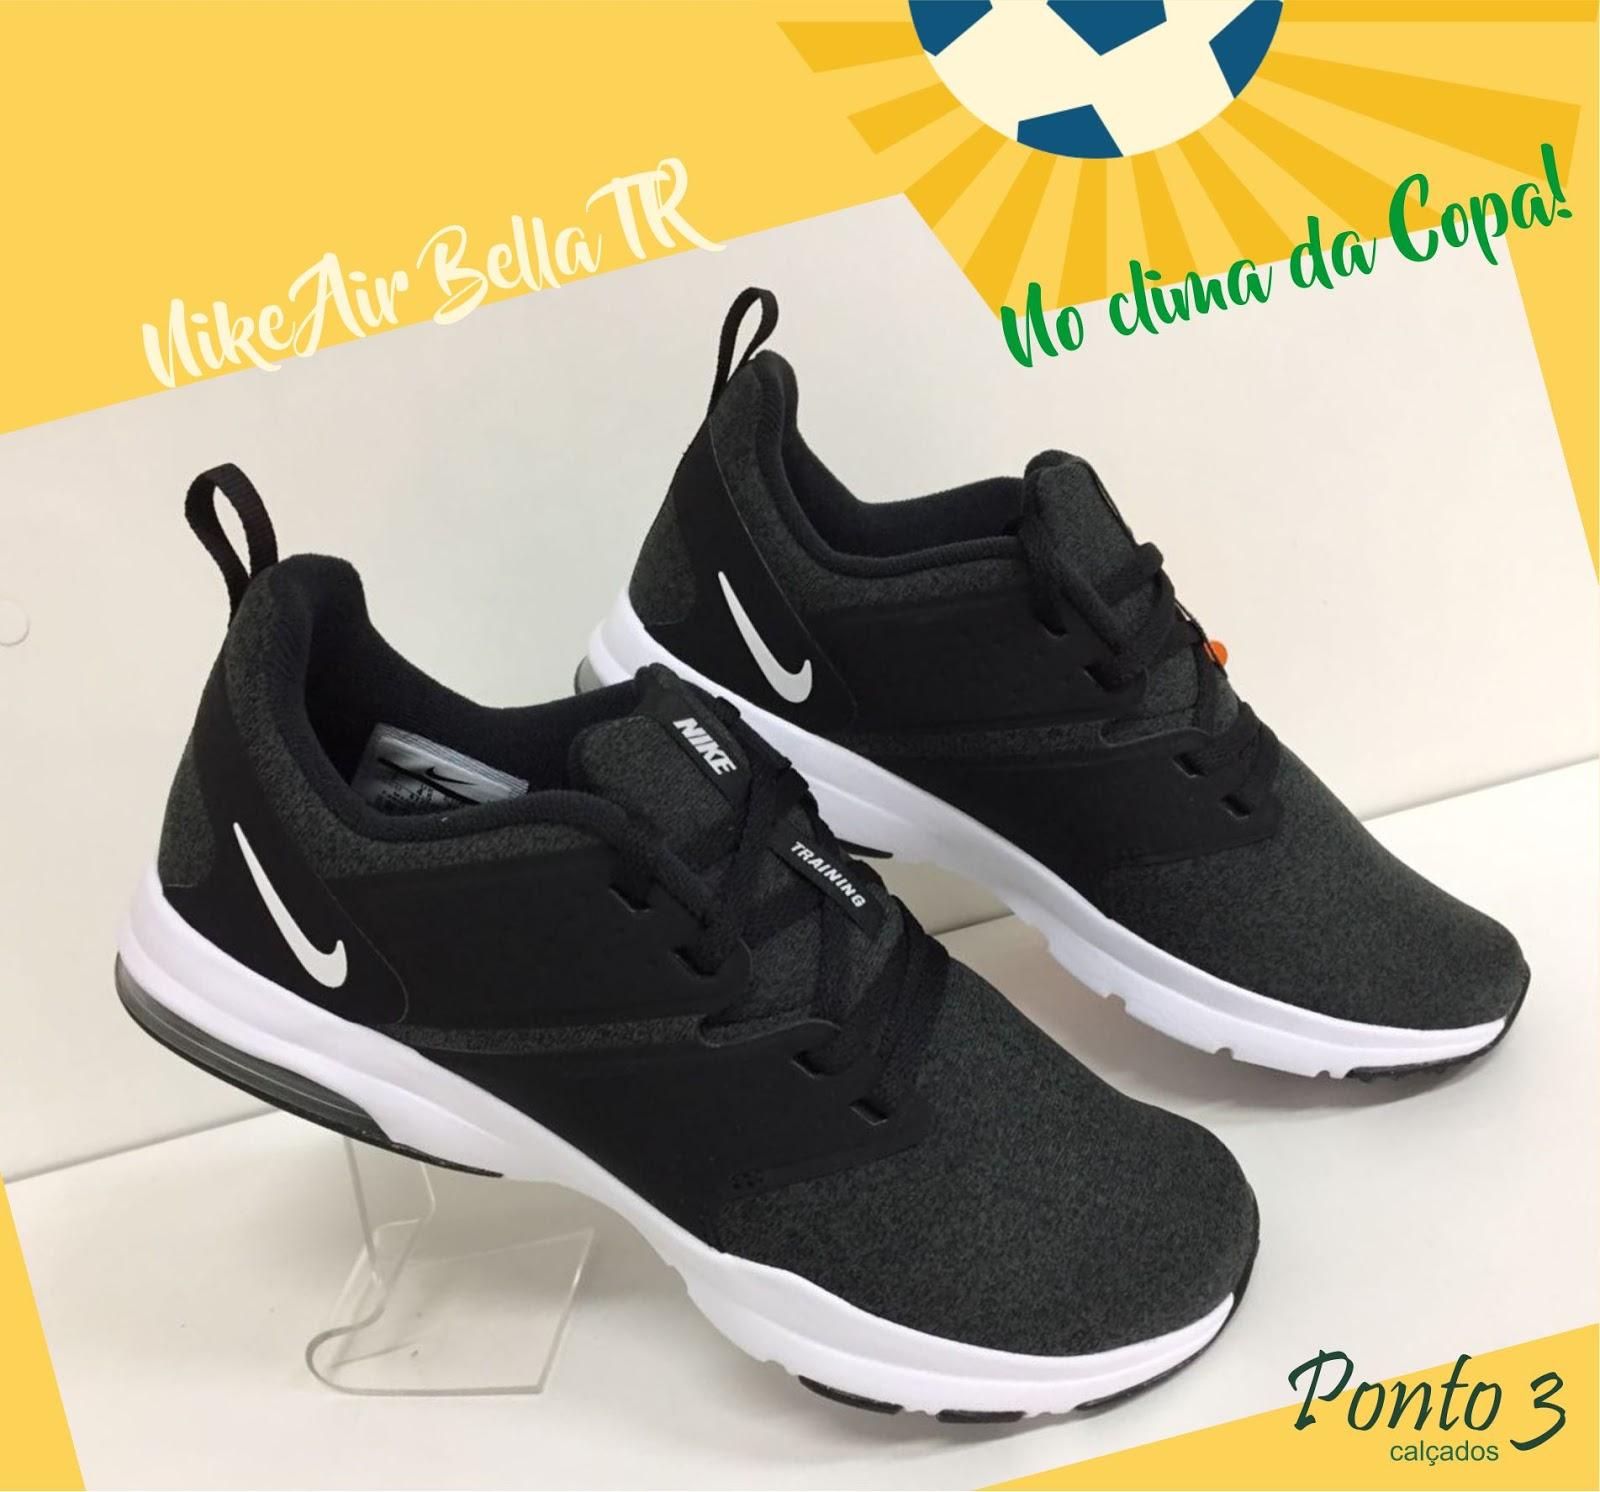 611f01da40 Postado por Pronúncia às 14:49 Marcadores: calçados femininos , calçados  masculinos , calçados rio do sul , loja de calçados rio do sul , Ponto3  Calçados